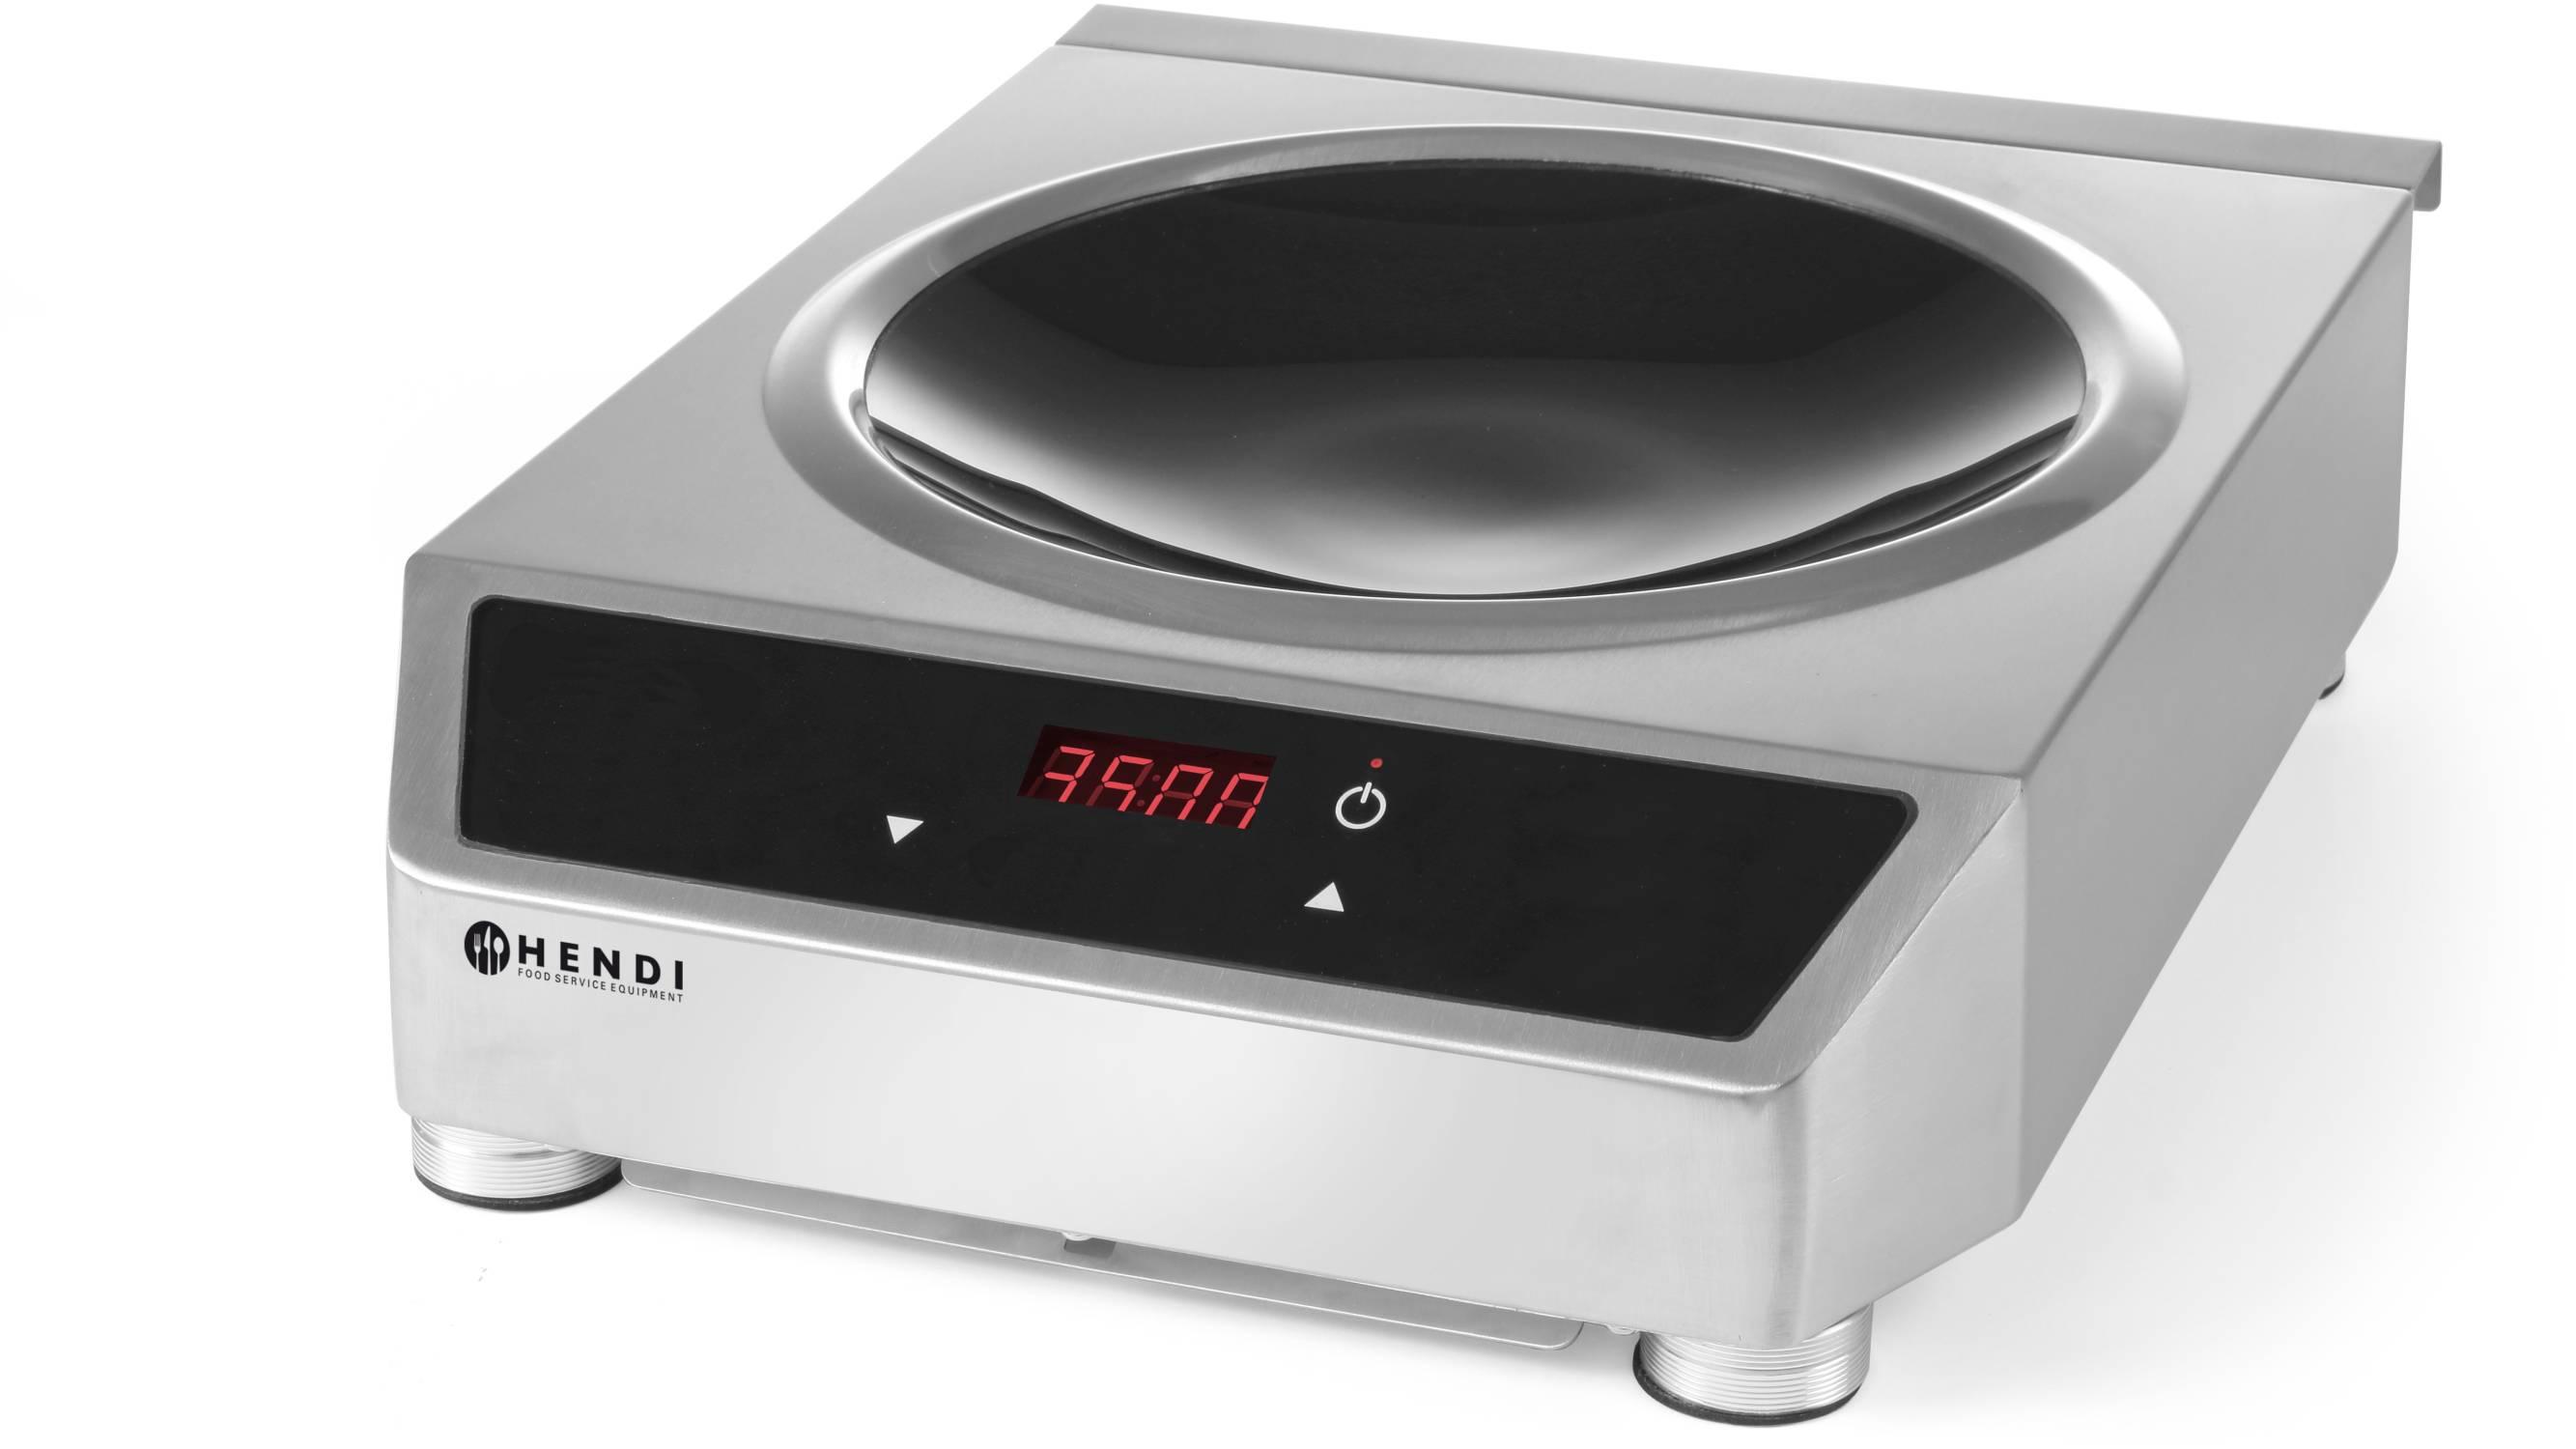 hendi gastro digital wok set induktion wok pfanne induktionskocher neu gastro. Black Bedroom Furniture Sets. Home Design Ideas